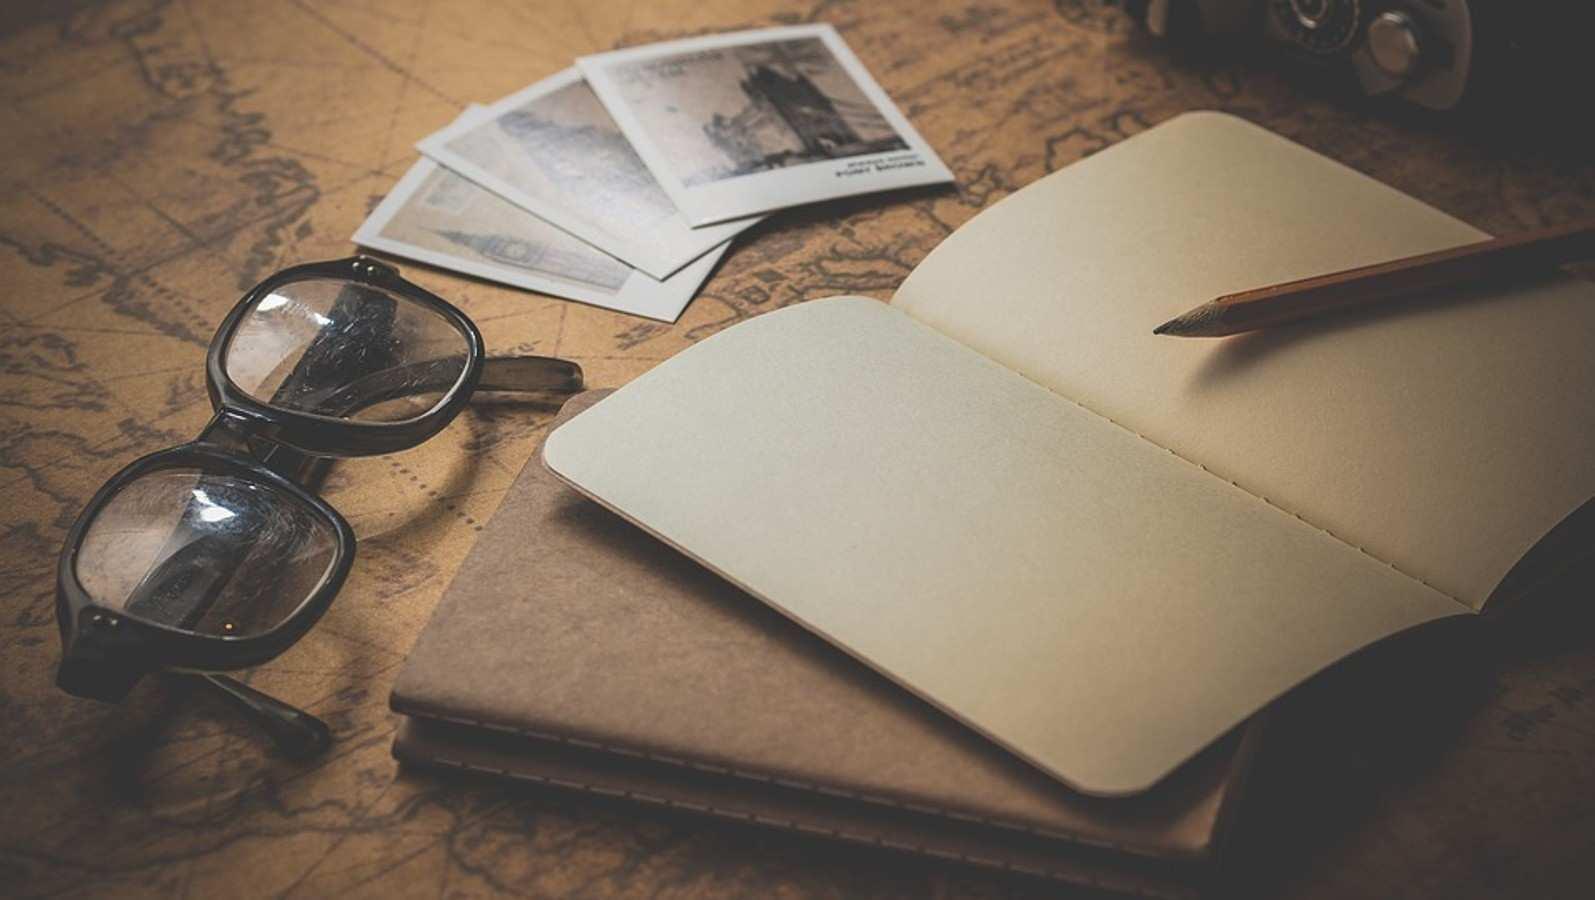 Autobiographie Schreiben So Wird Ihre Geschichte Authentisch Focus De